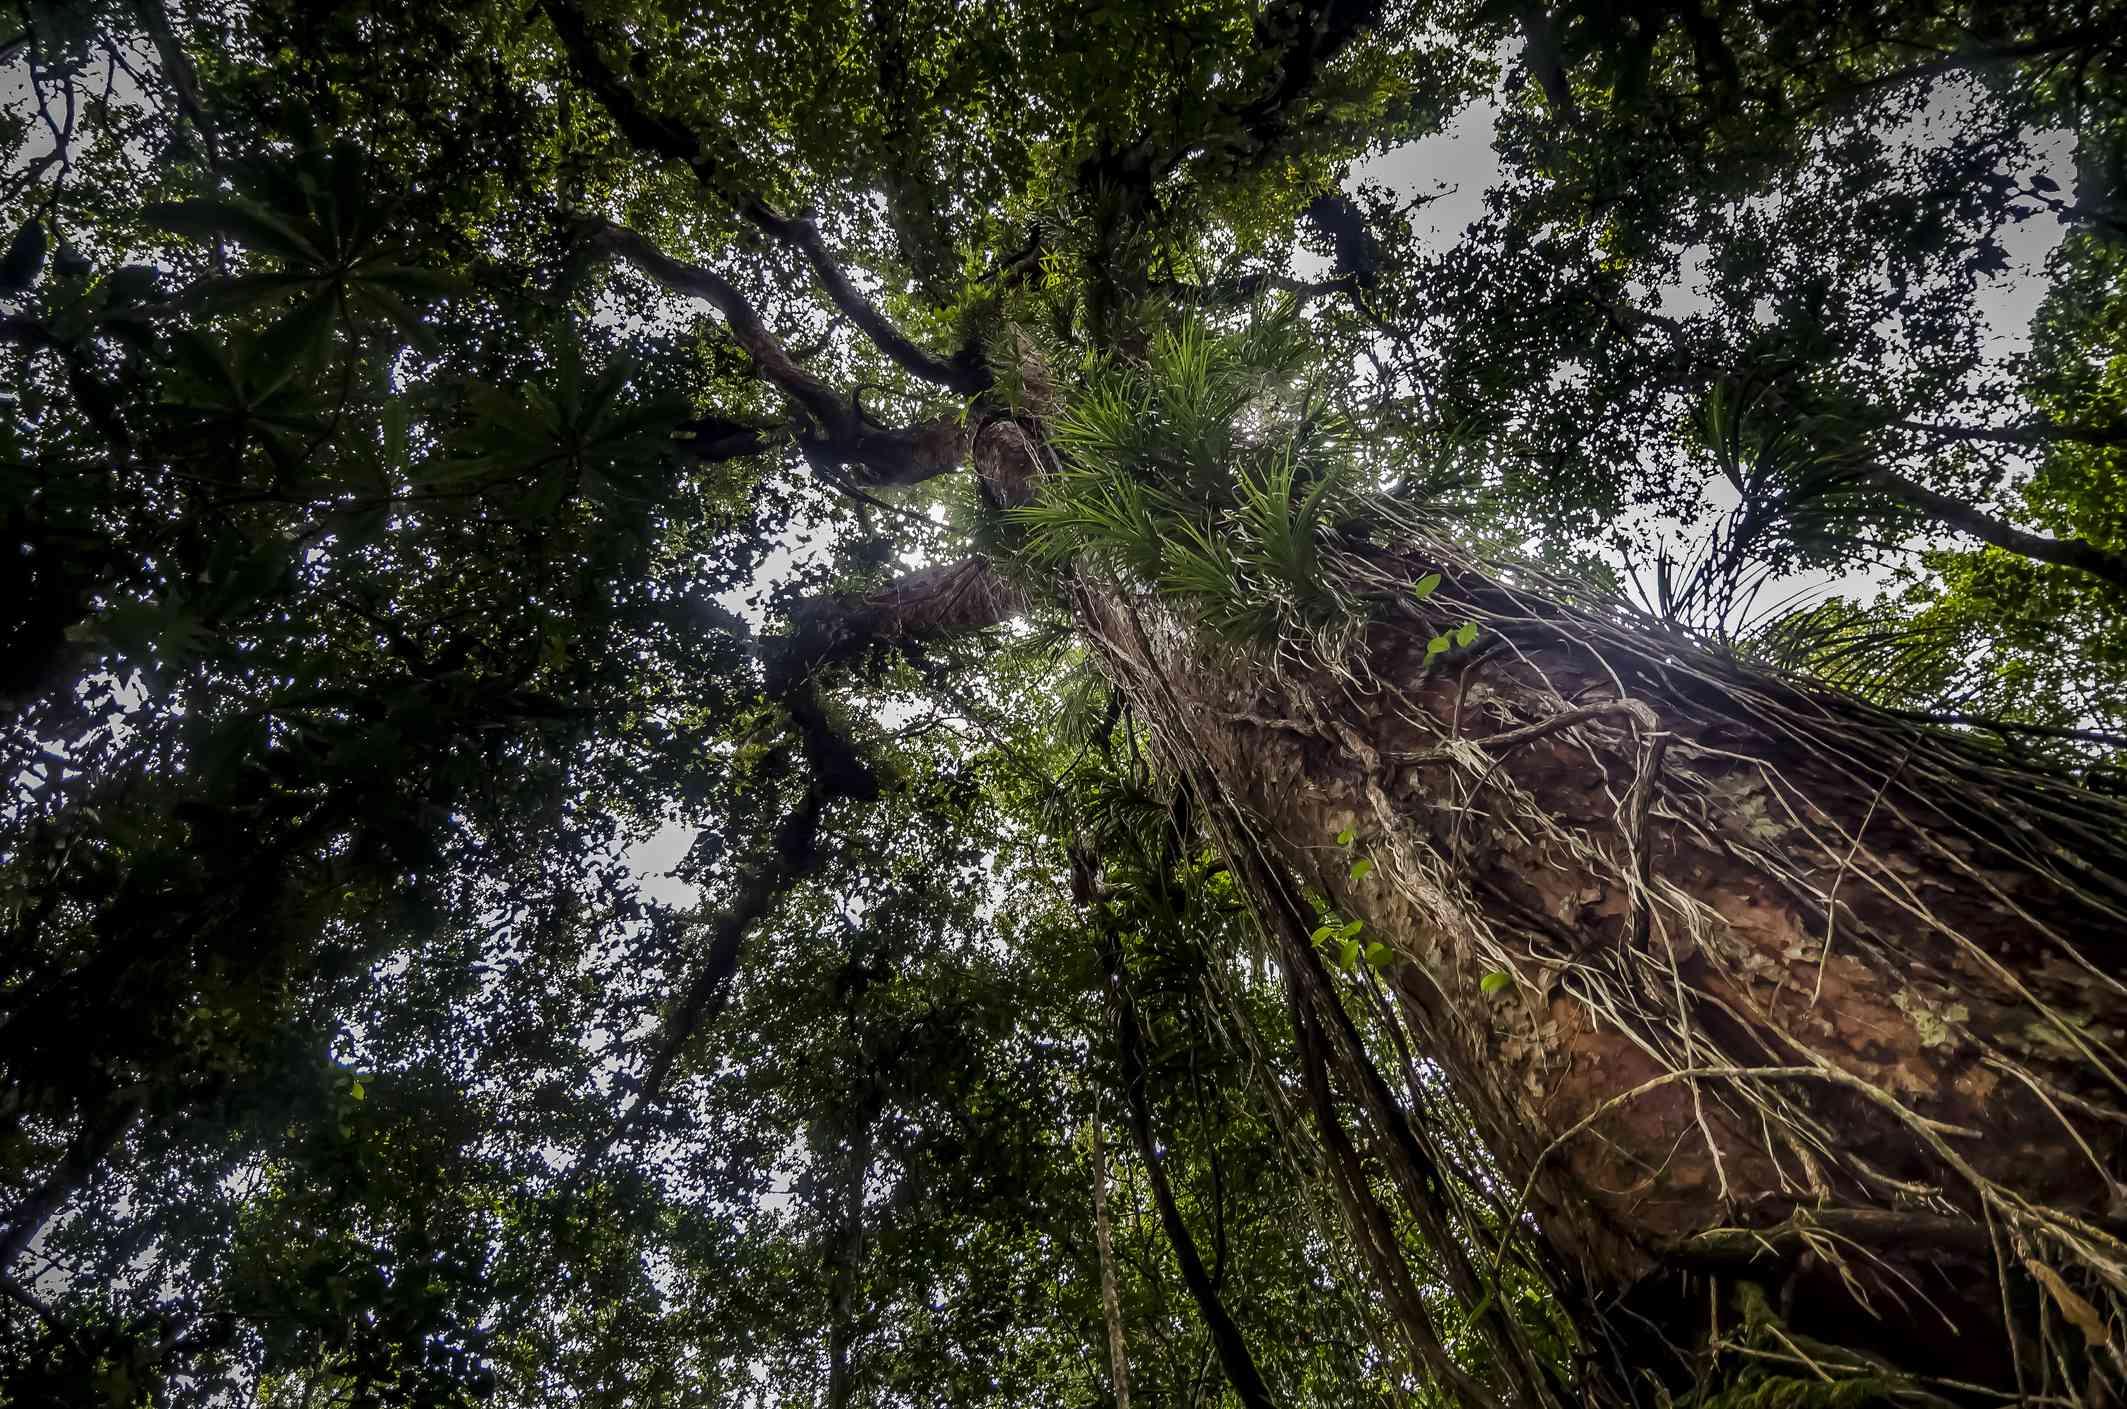 Strangler Fig tree (Ficus benjamina) in the rainforest